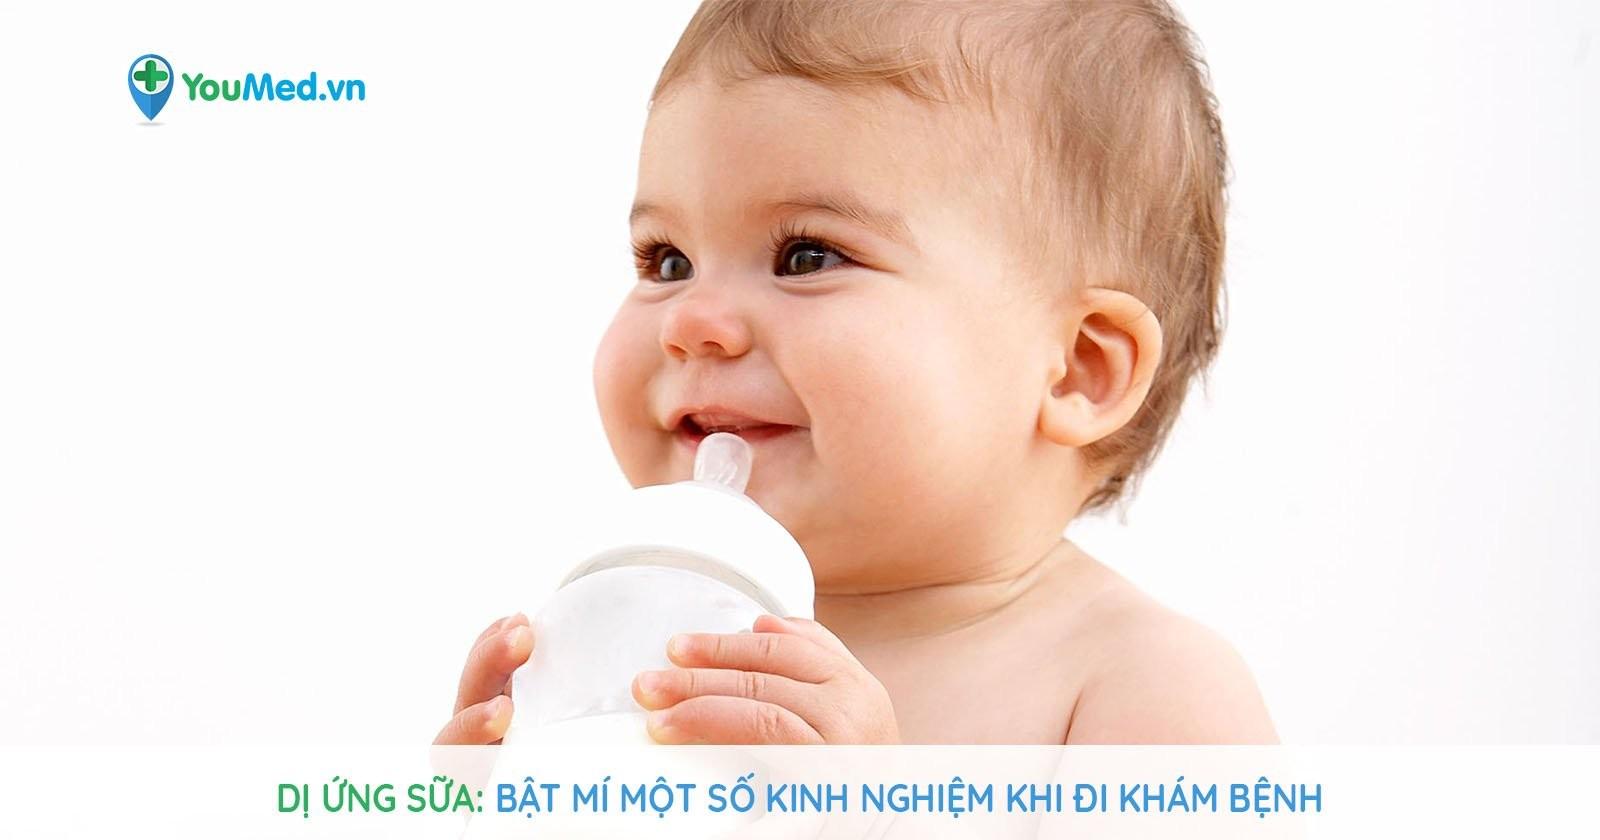 Dị ứng sữa: bật mí một số kinh nghiệm khi đi khám bệnh